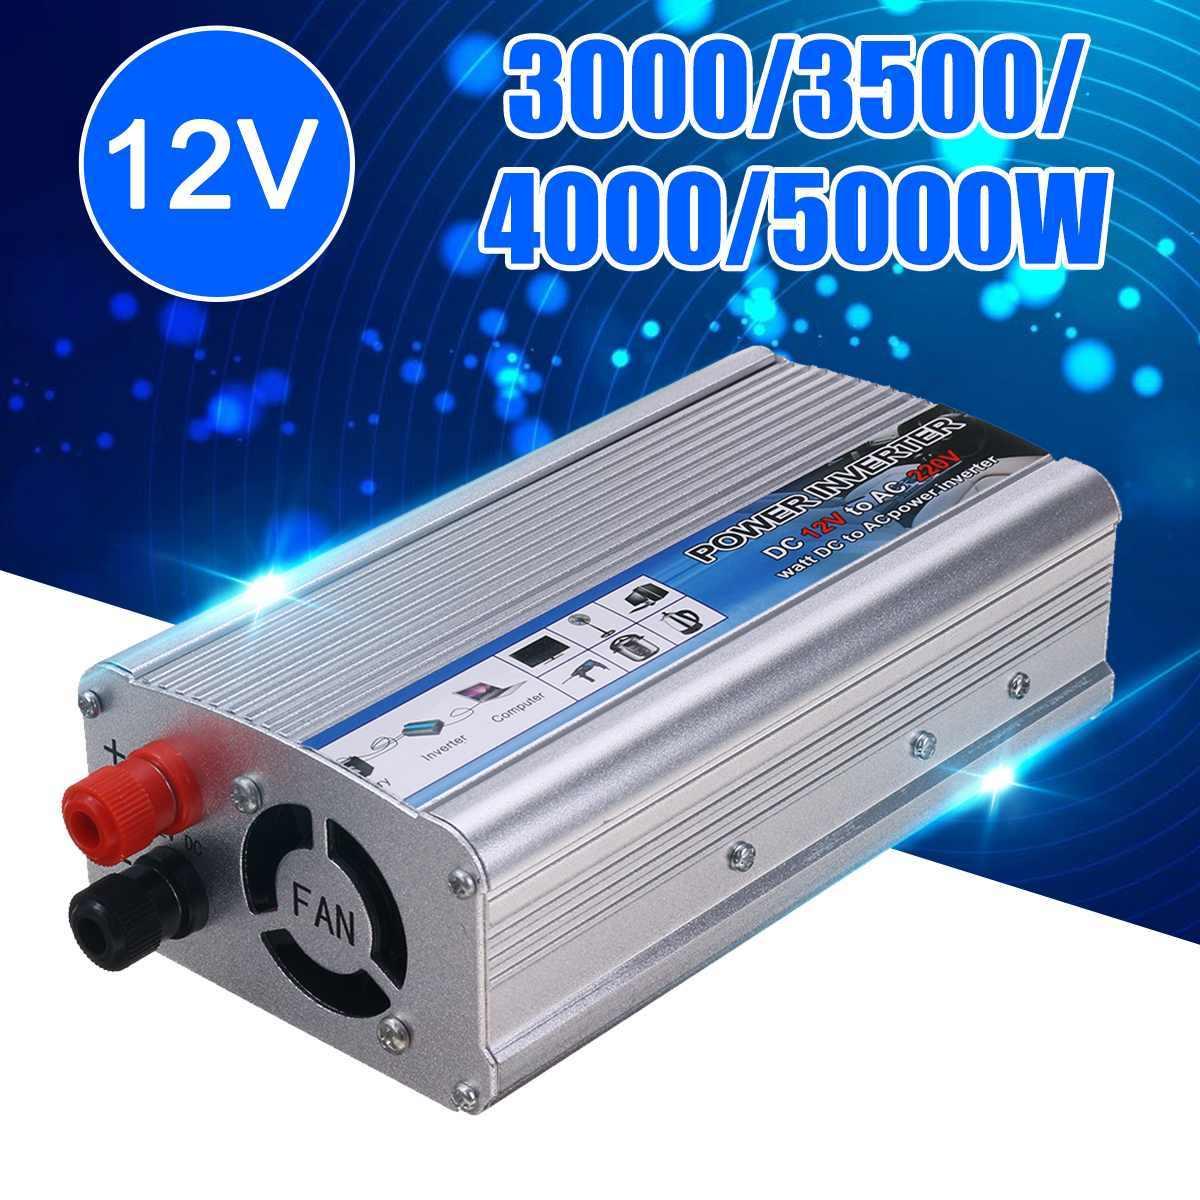 חם 5000W-3000 ואט שמש כוח מהפך DC 12V ל-ac 220V USB שונה סינוס גל ממיר רכב כוח מהפך מטען מתאם